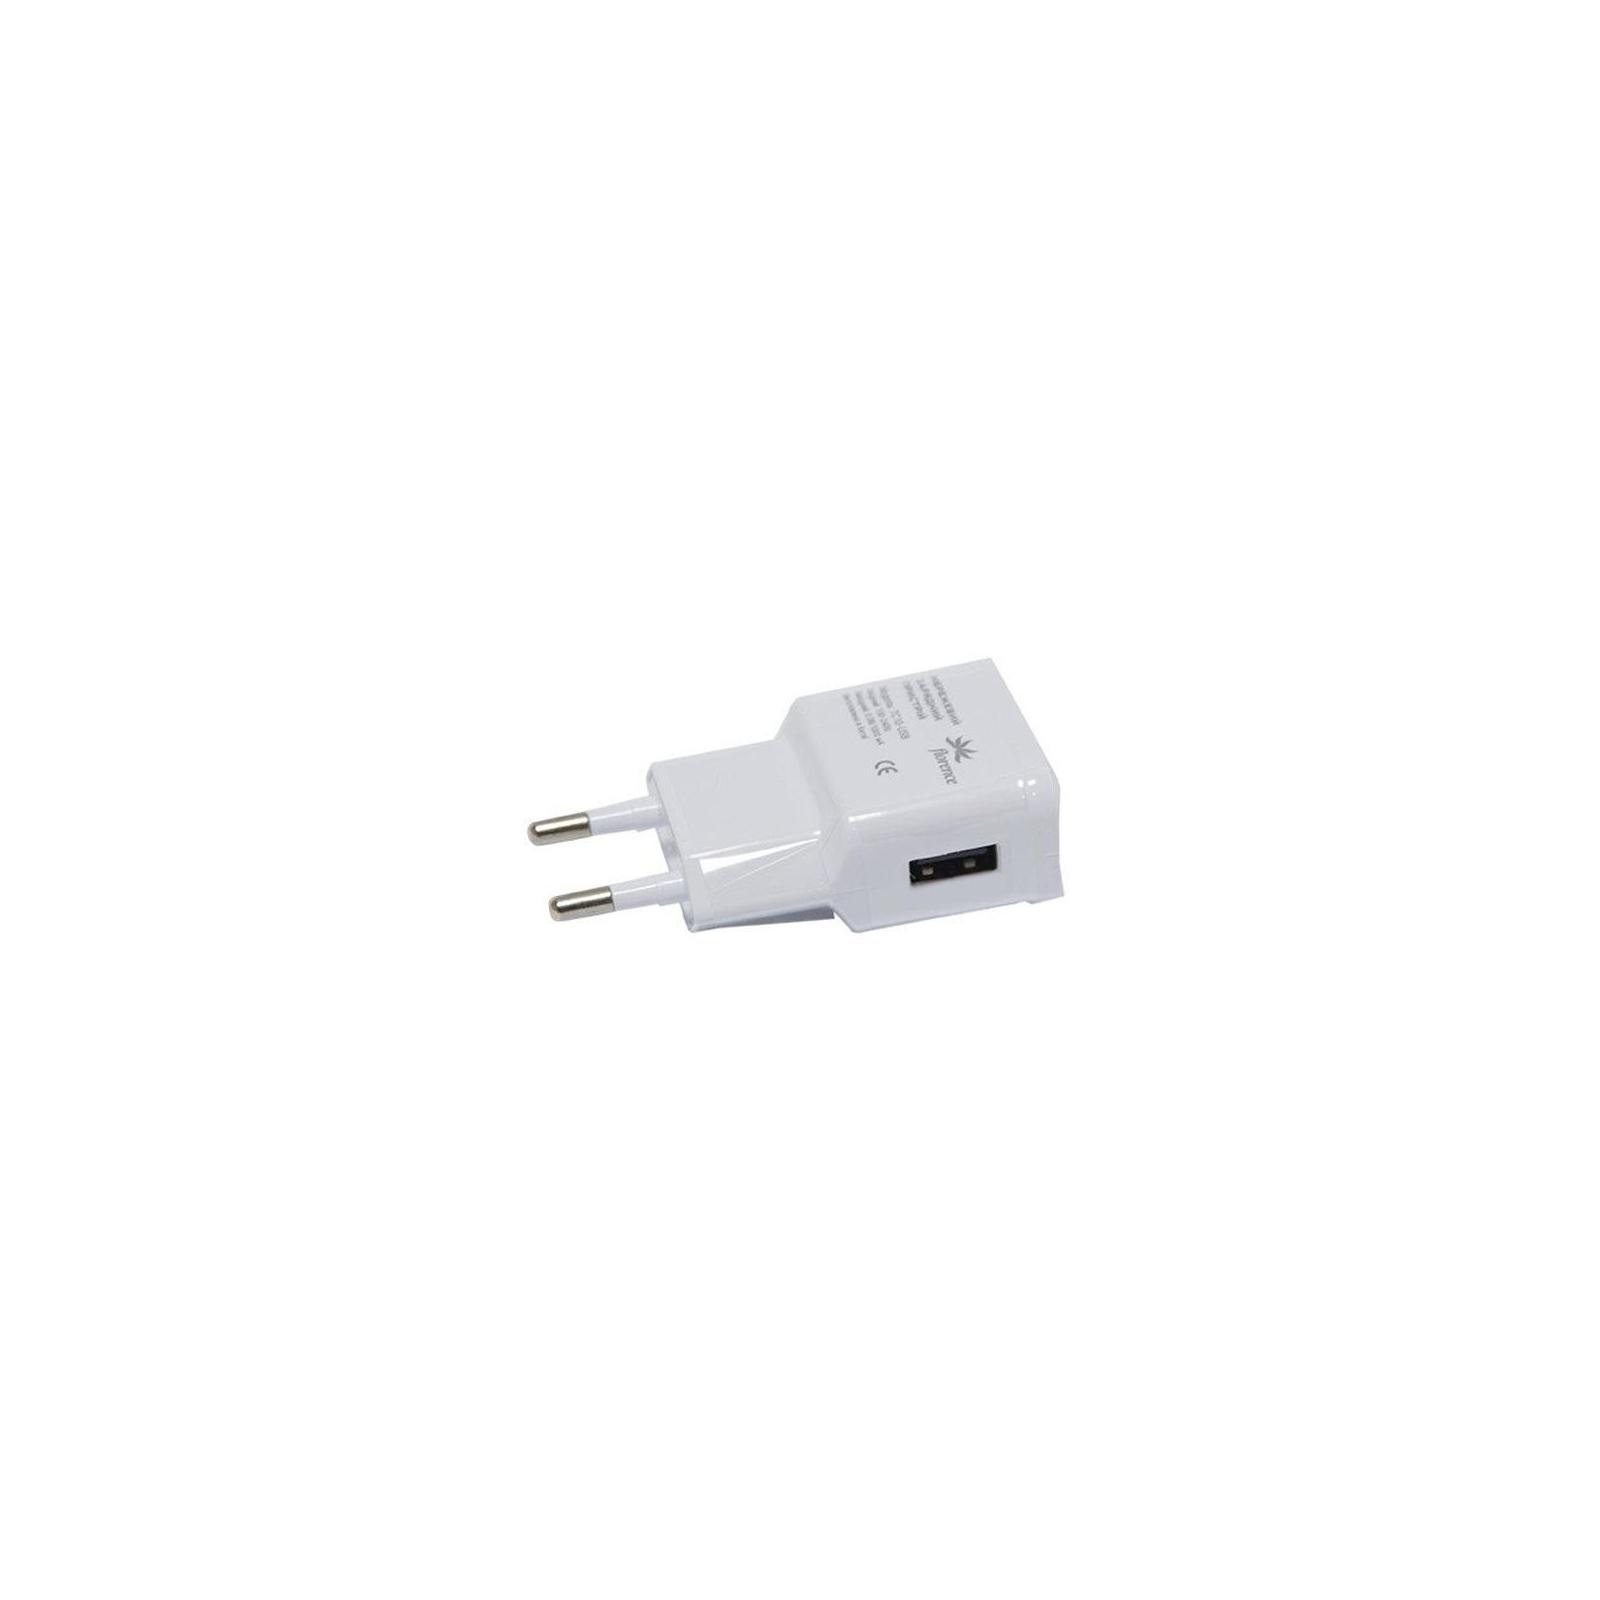 Зарядное устройство Florence USB, 1.0A white (TC10-USBWH)